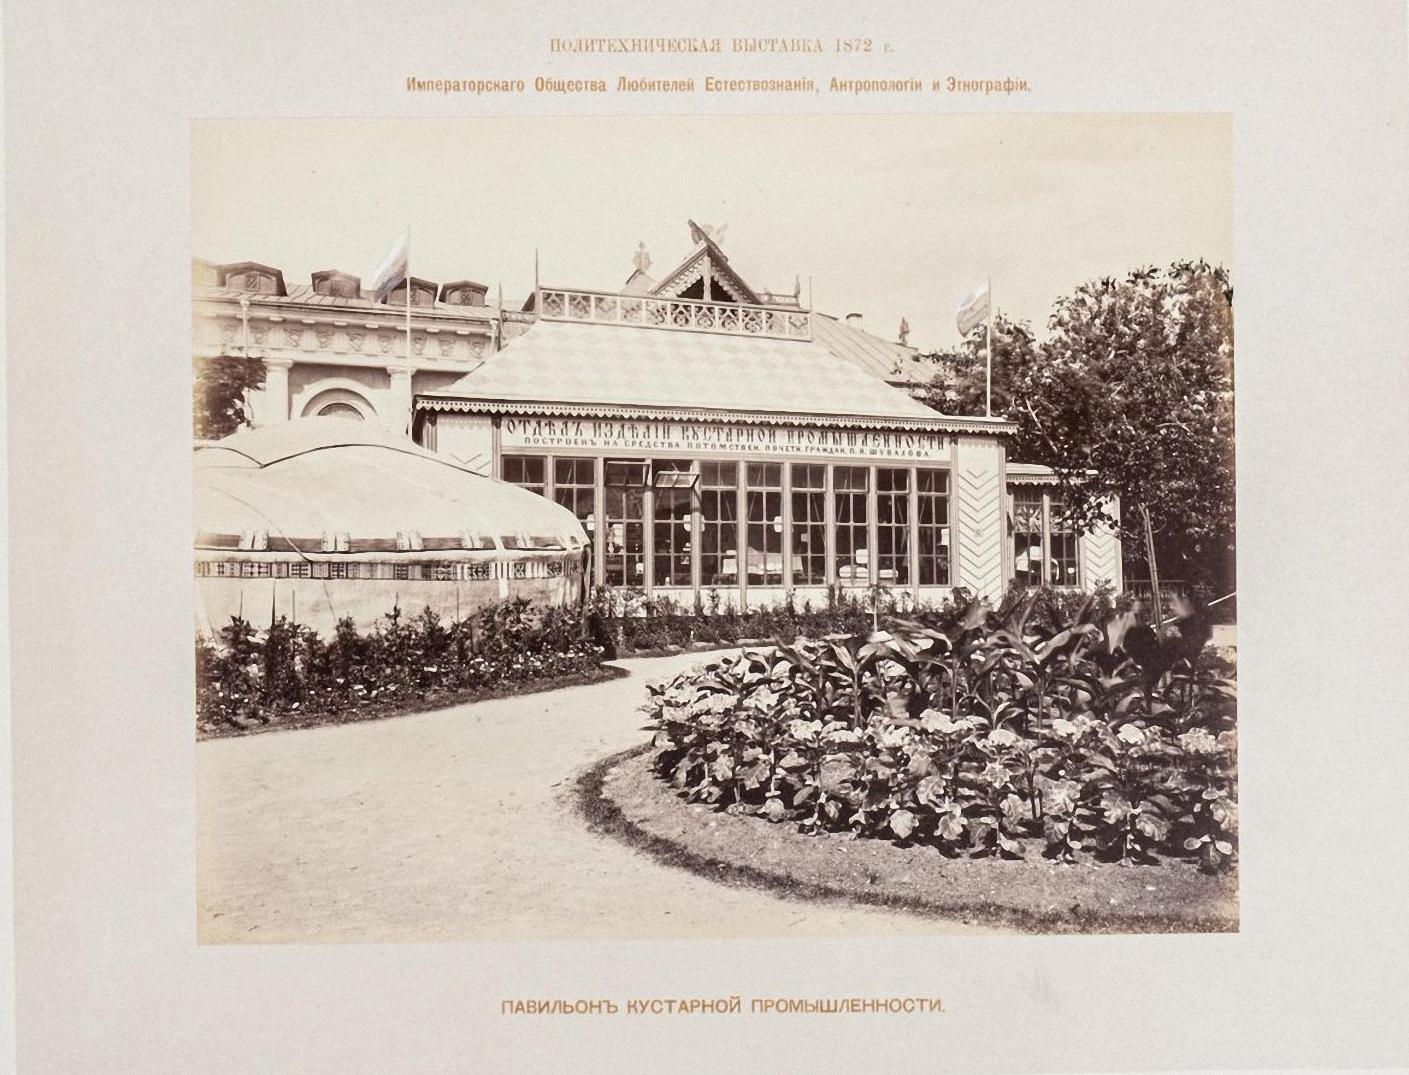 Александровский сад. Павильон кустарной промышленности